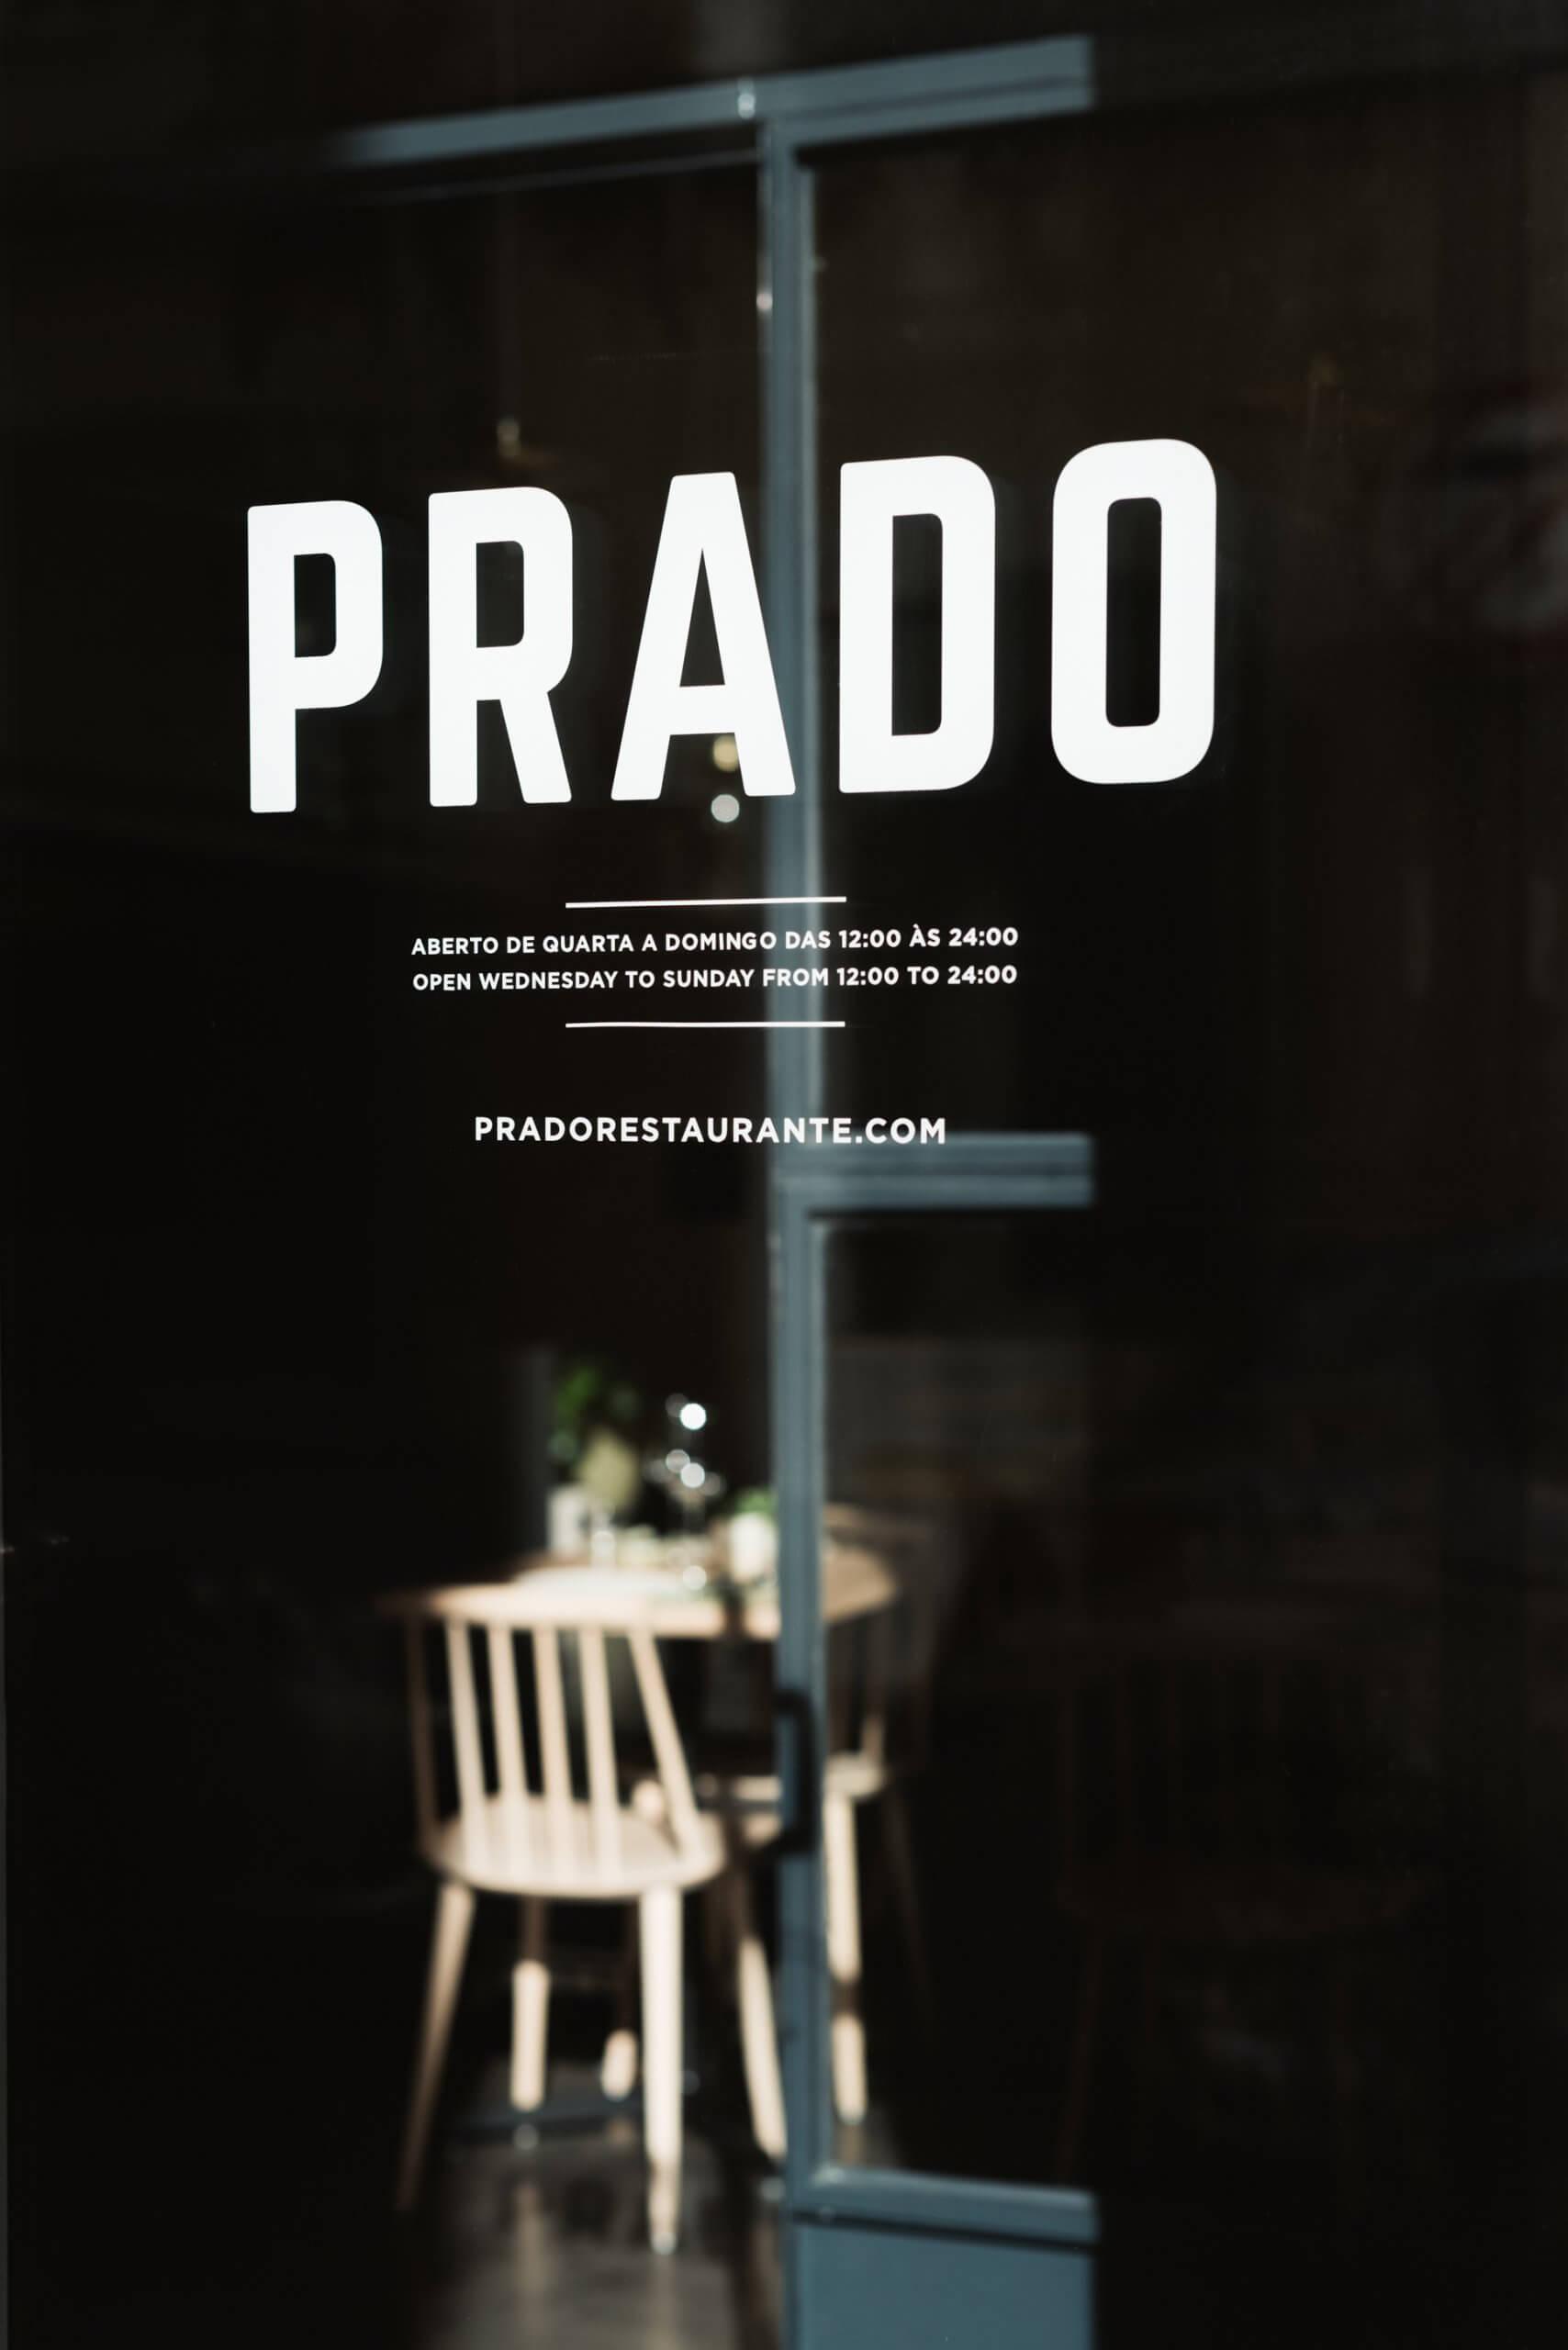 Prado Restaurante